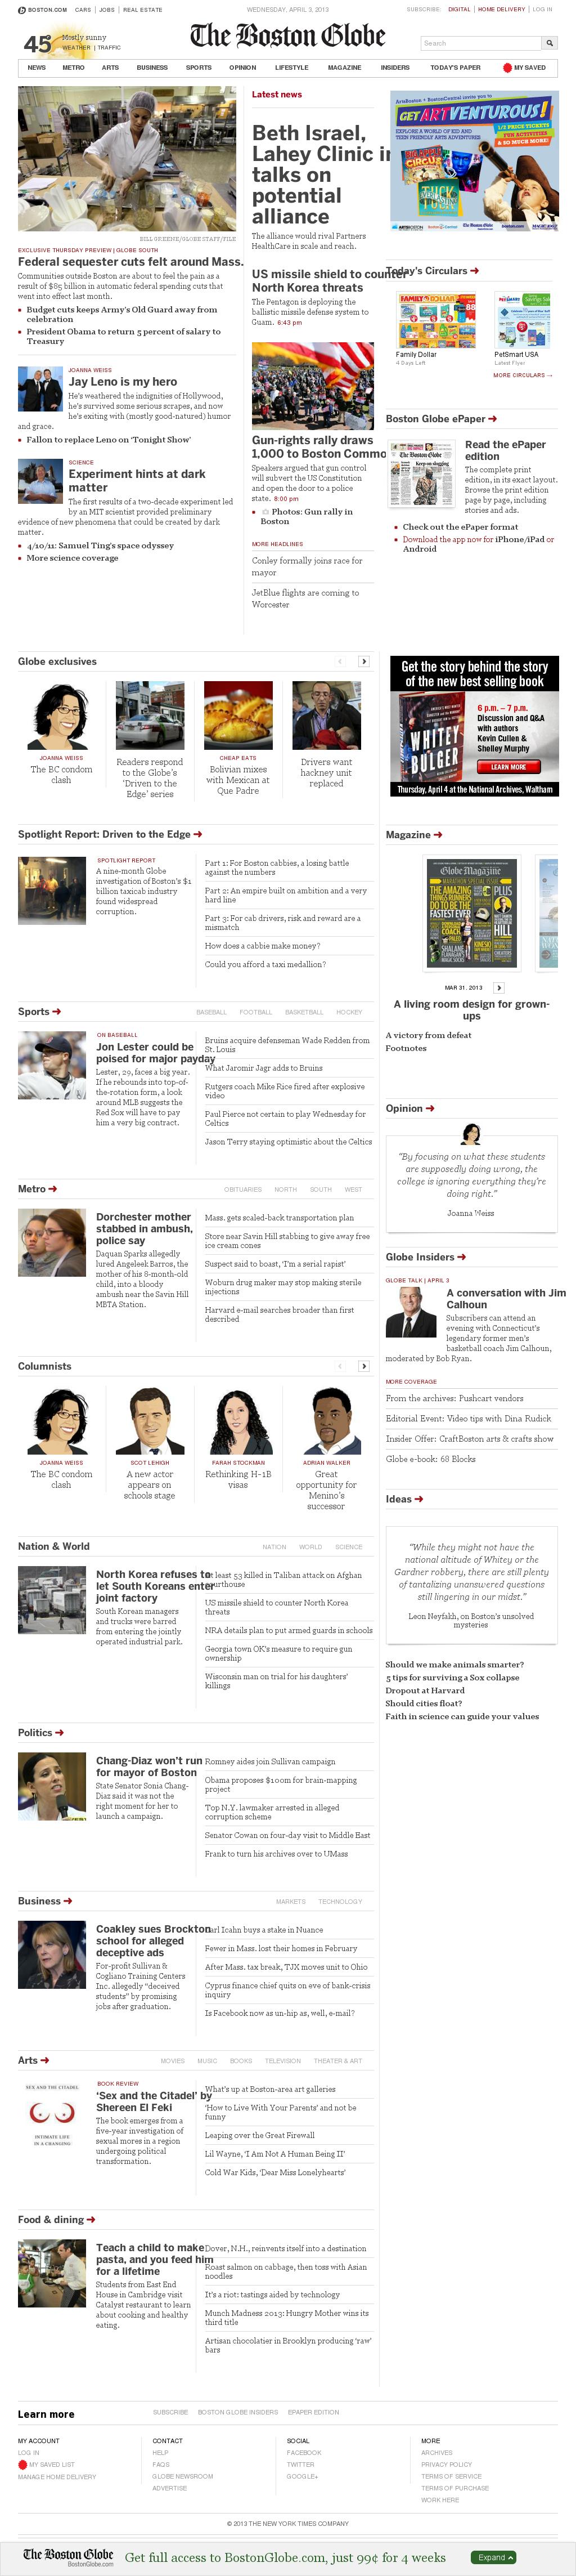 The Boston Globe at Wednesday April 3, 2013, 9:02 p.m. UTC